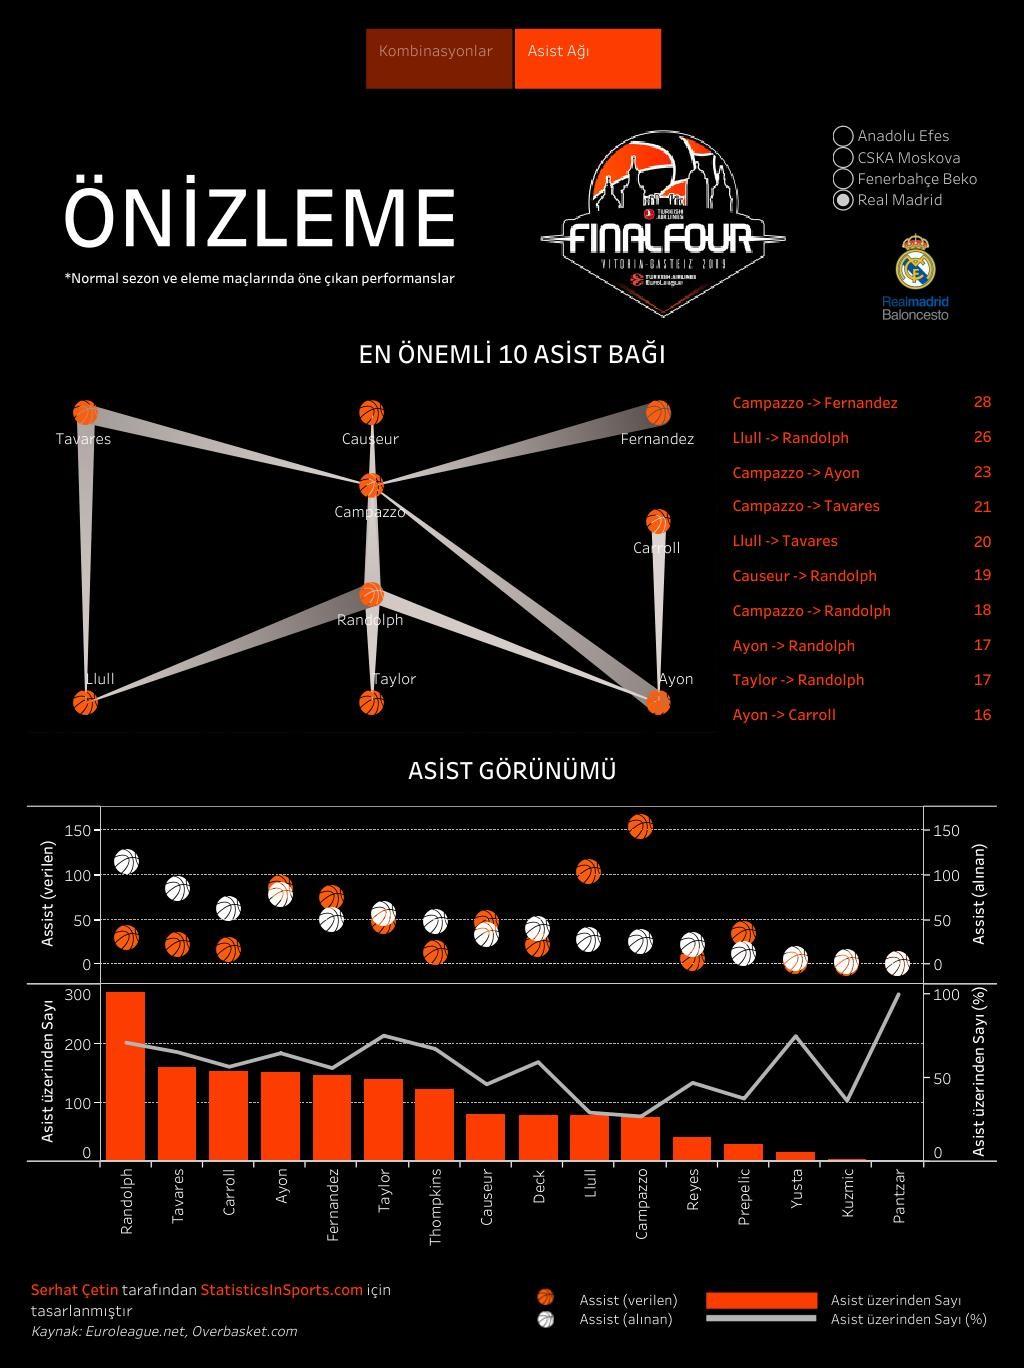 Real Madrid'in EuroLeague asist ağları (İstatistik ve Görsel: Serhat Çetin)